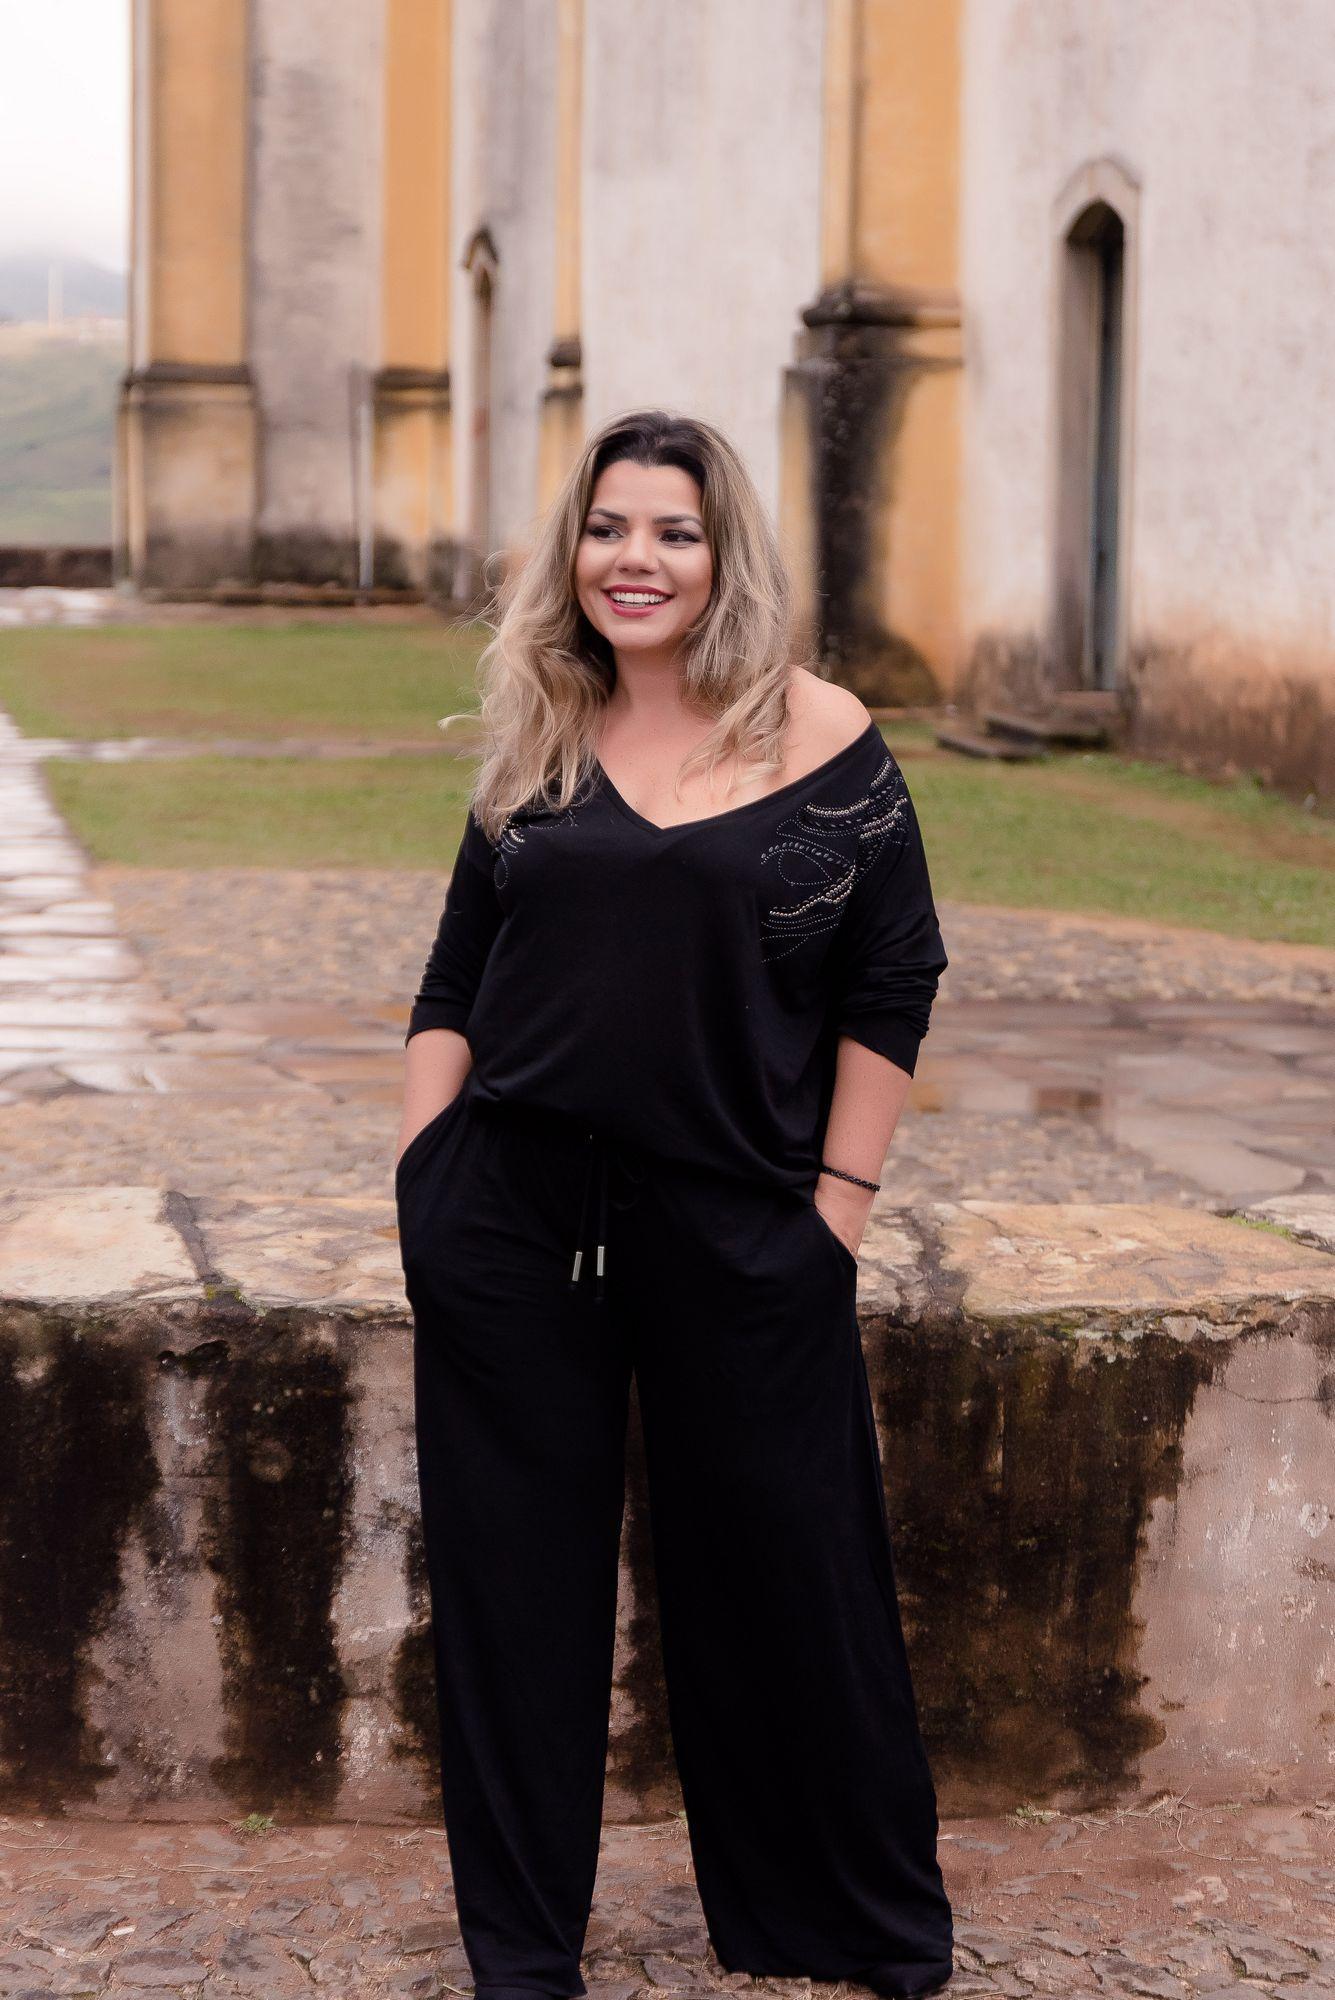 CONJUNTO CALÇA E BLUSA COM APLICAÇÃO NO OMBRO